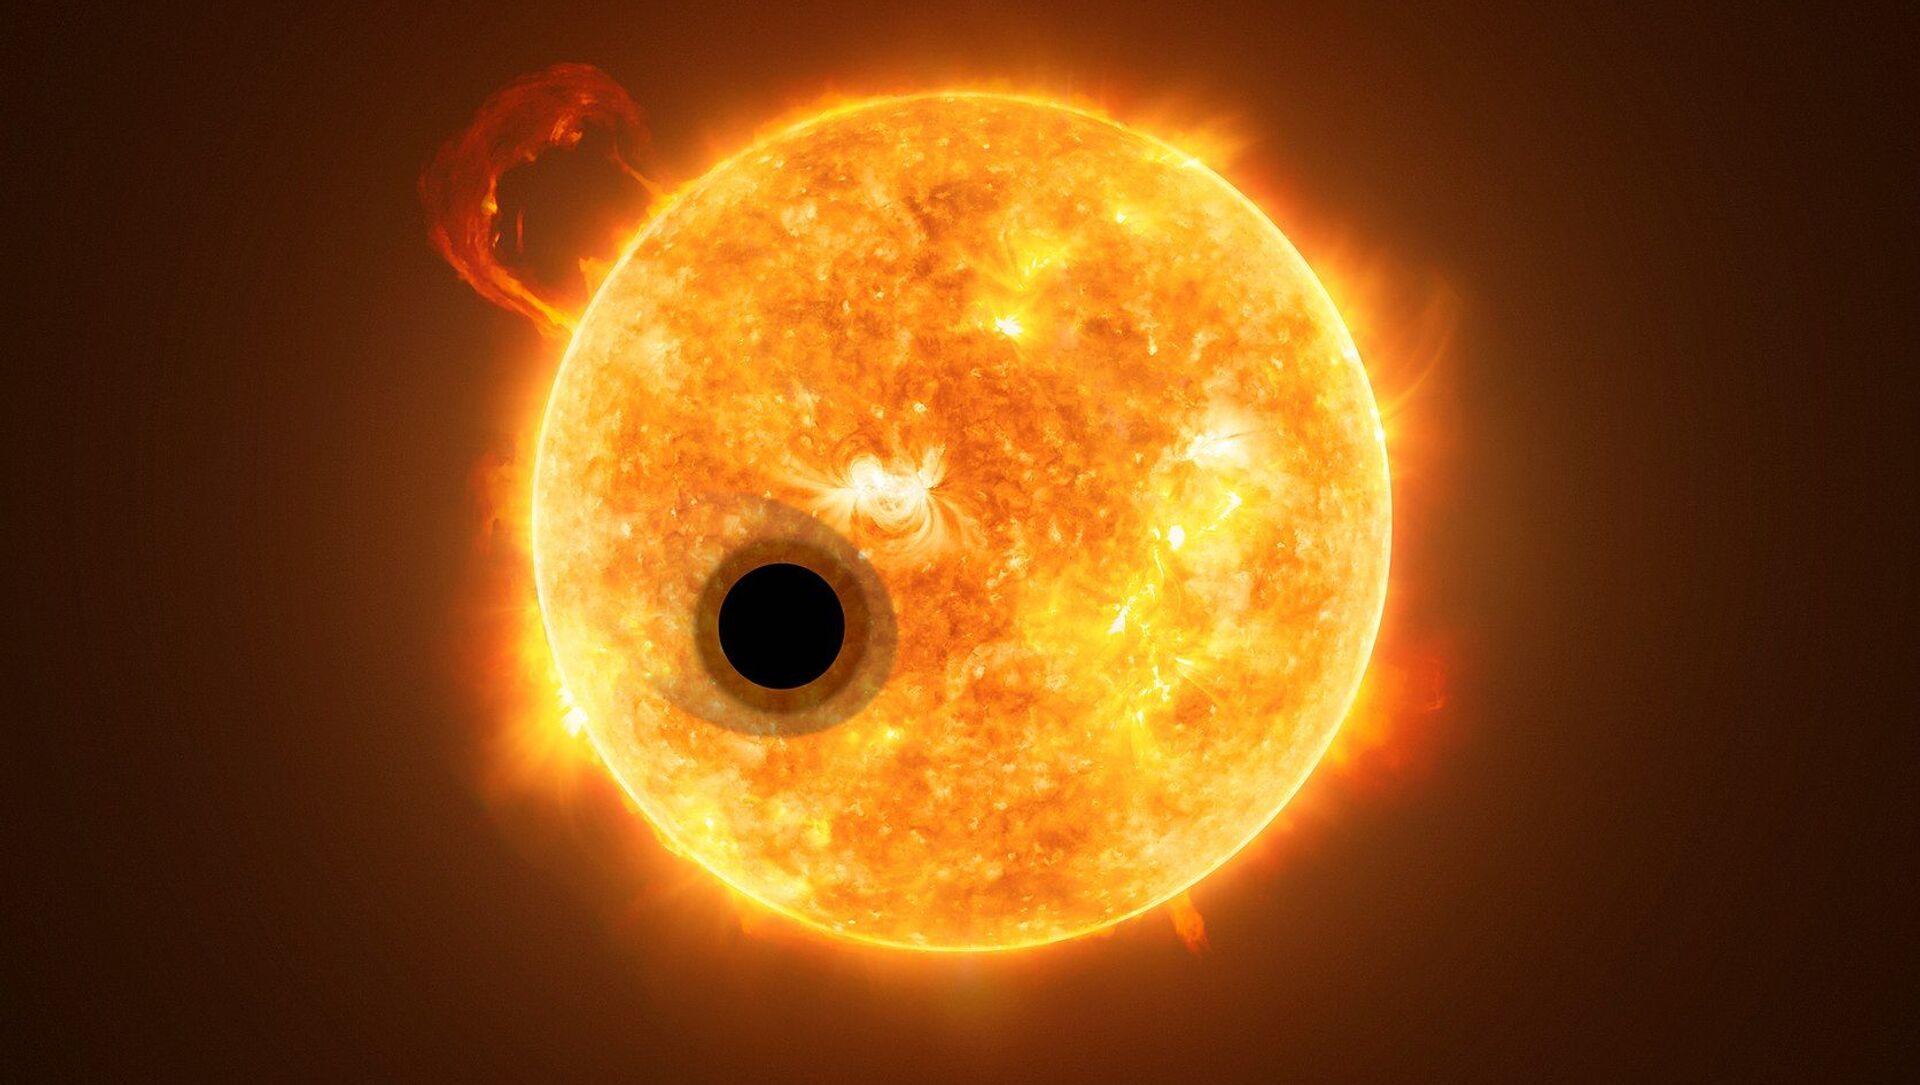 太陽系外惑星の生命を証明する物質イソプレン - Sputnik 日本, 1920, 20.04.2021